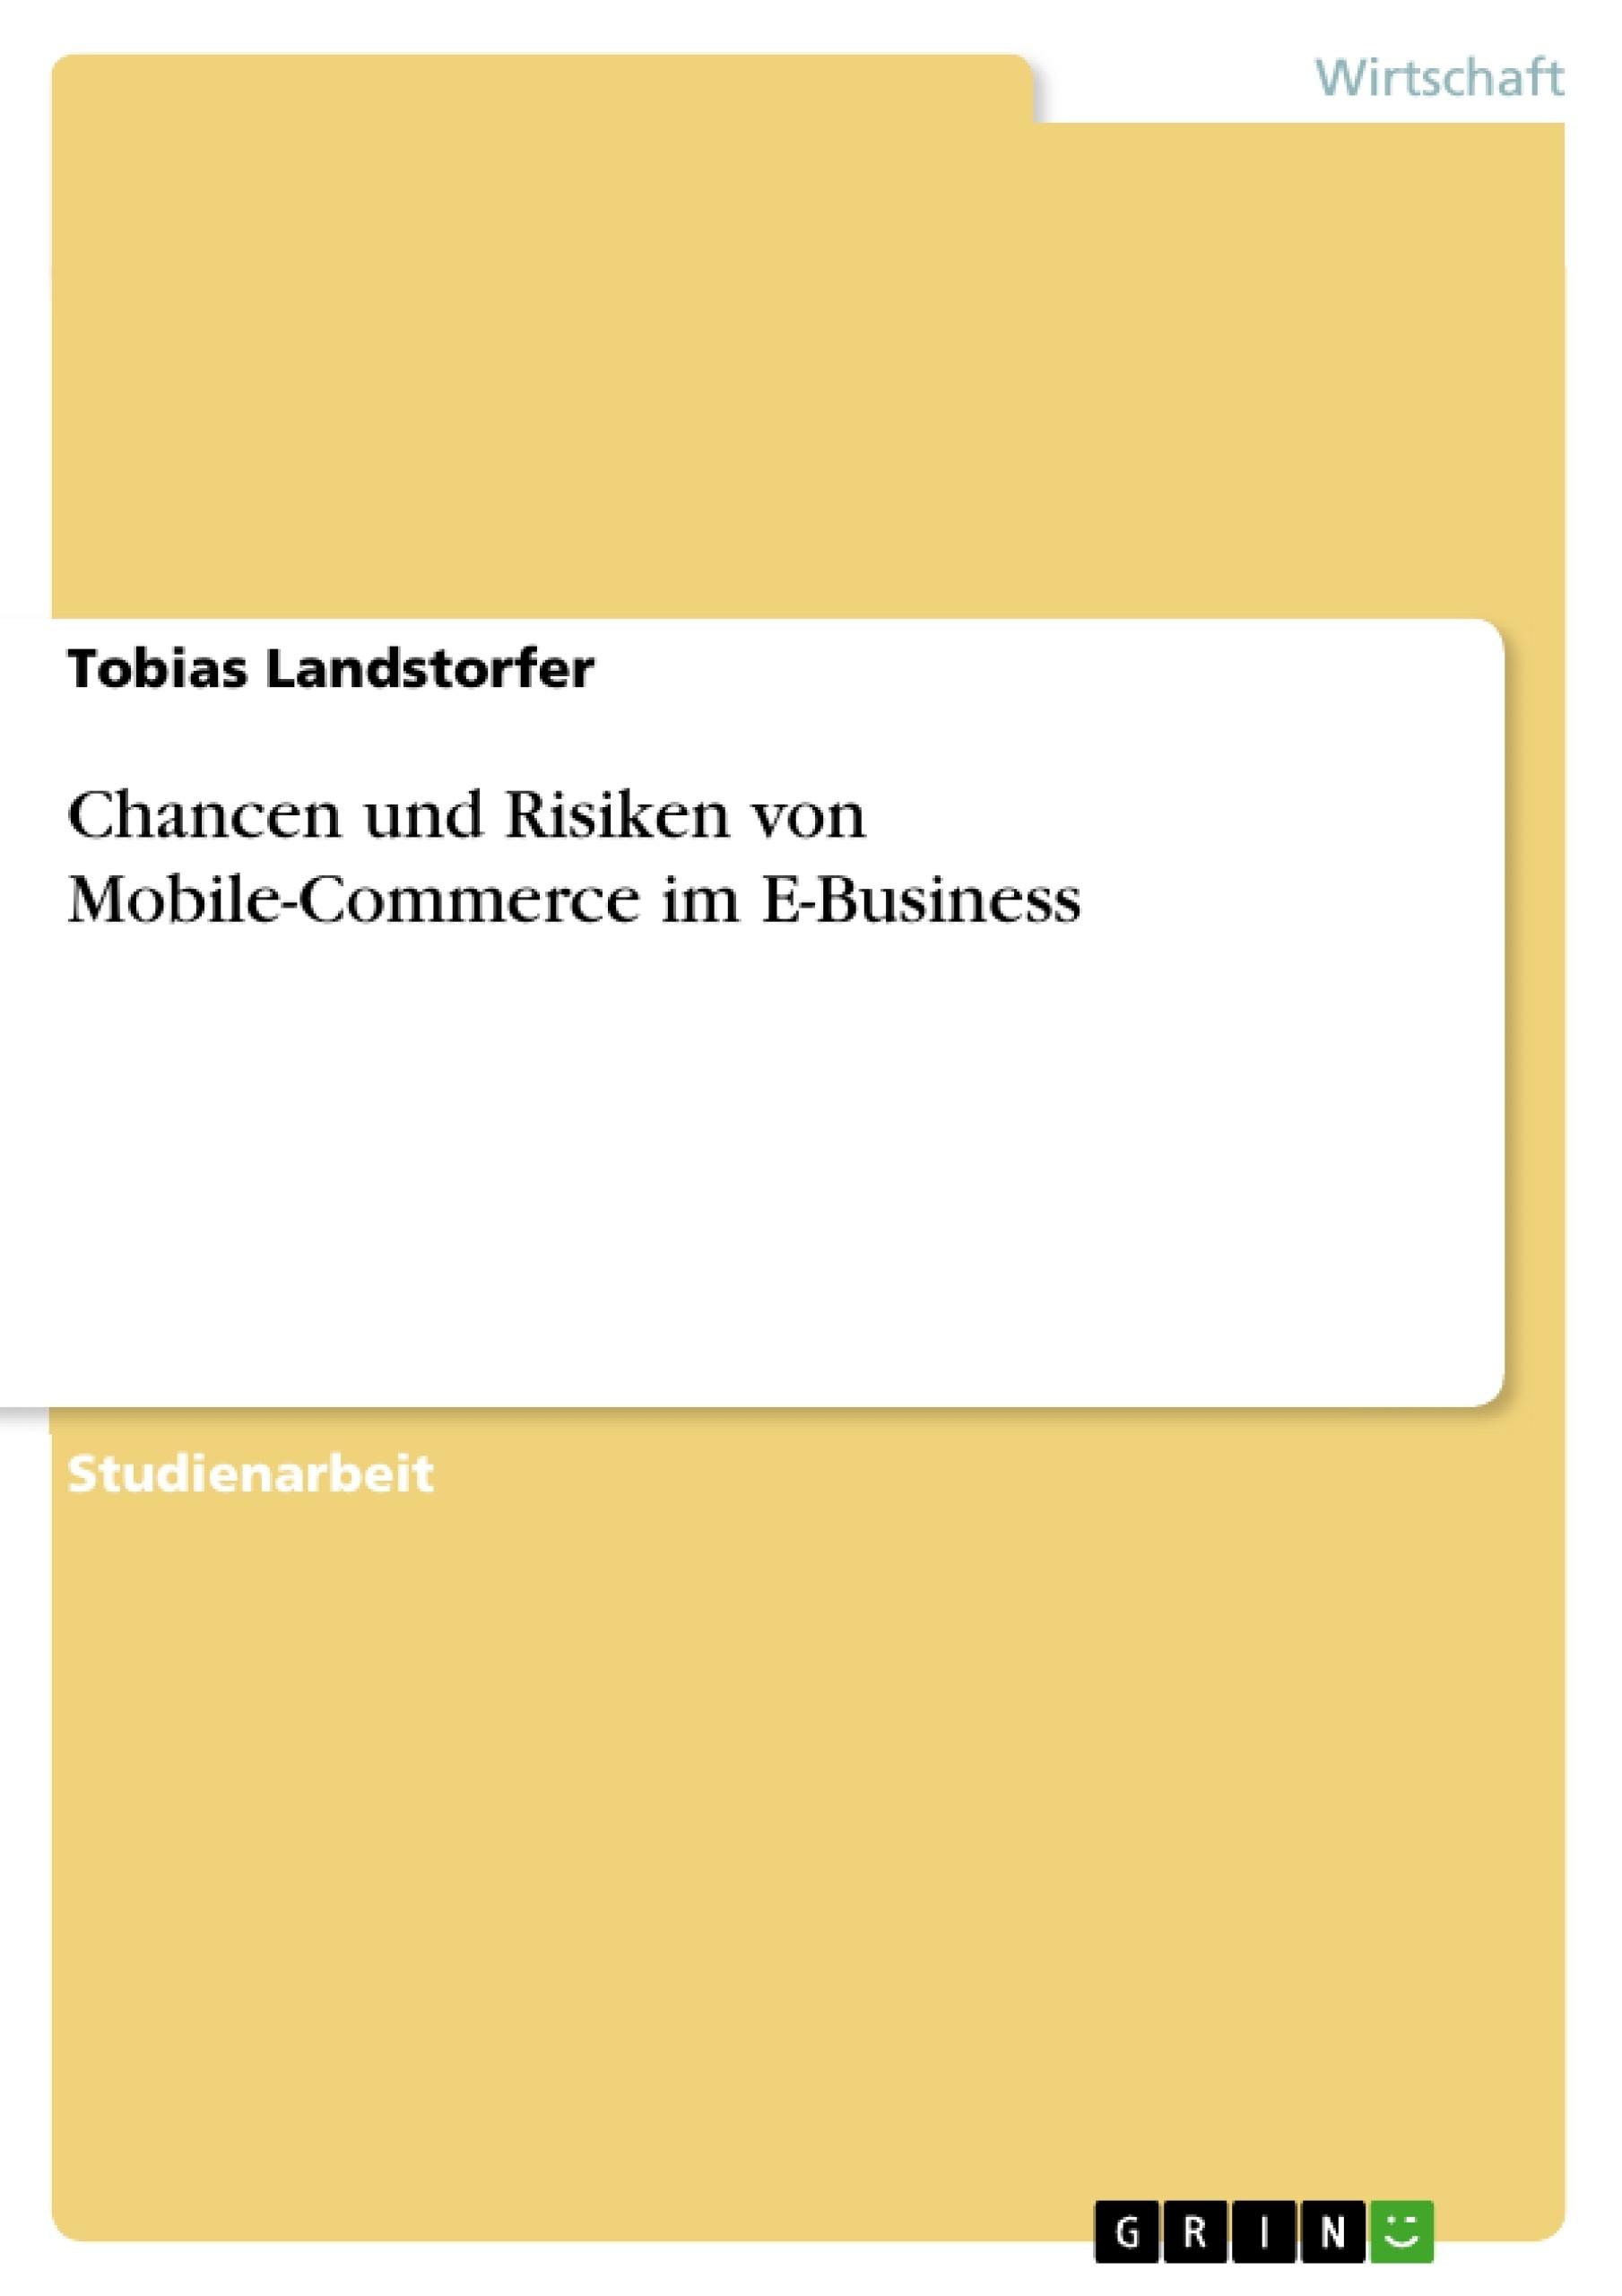 Titel: Chancen und Risiken von Mobile-Commerce im E-Business